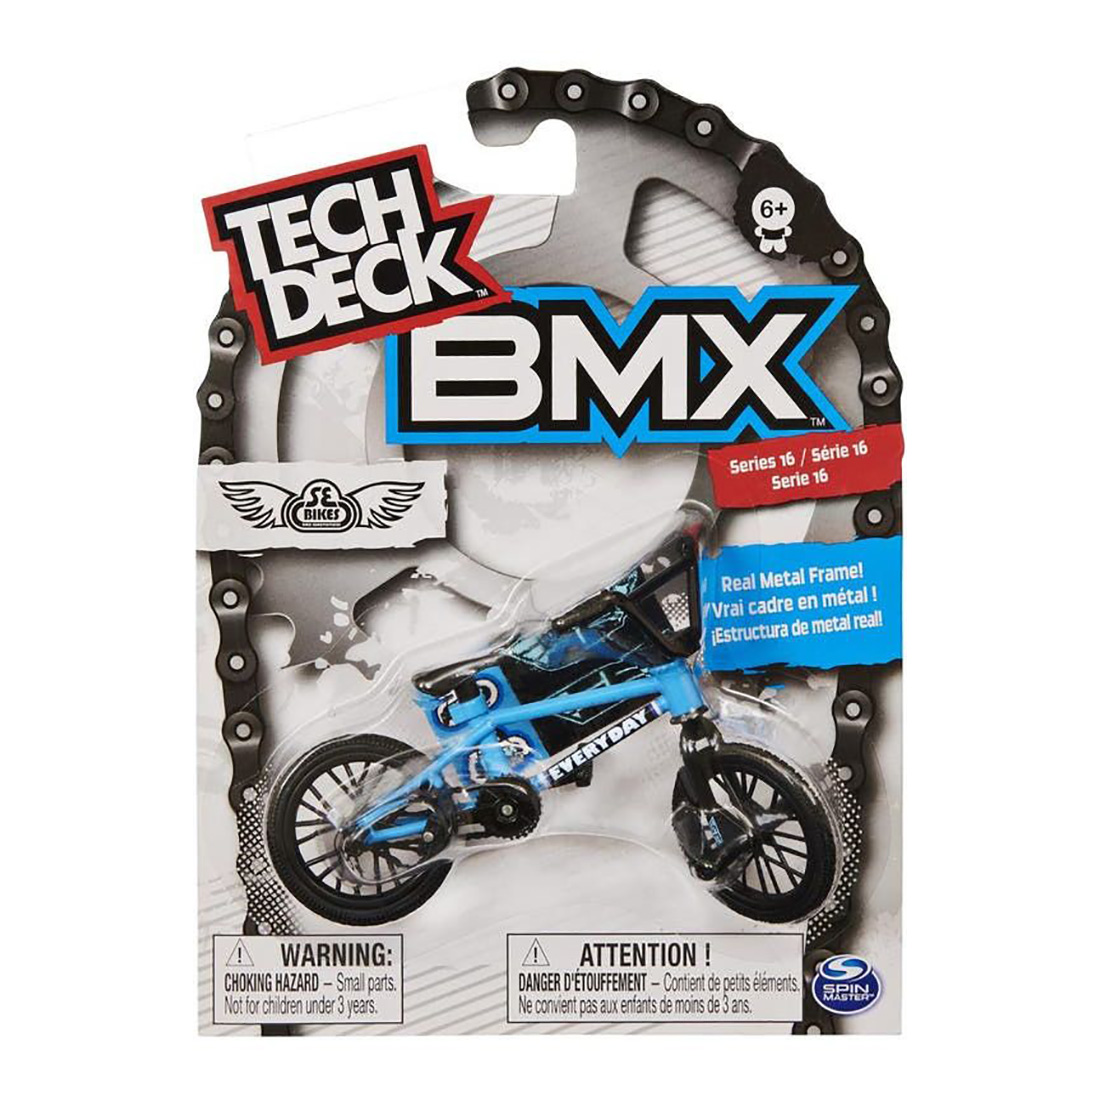 Mini BMX bike, Tech Deck, 16 SE, 20123470